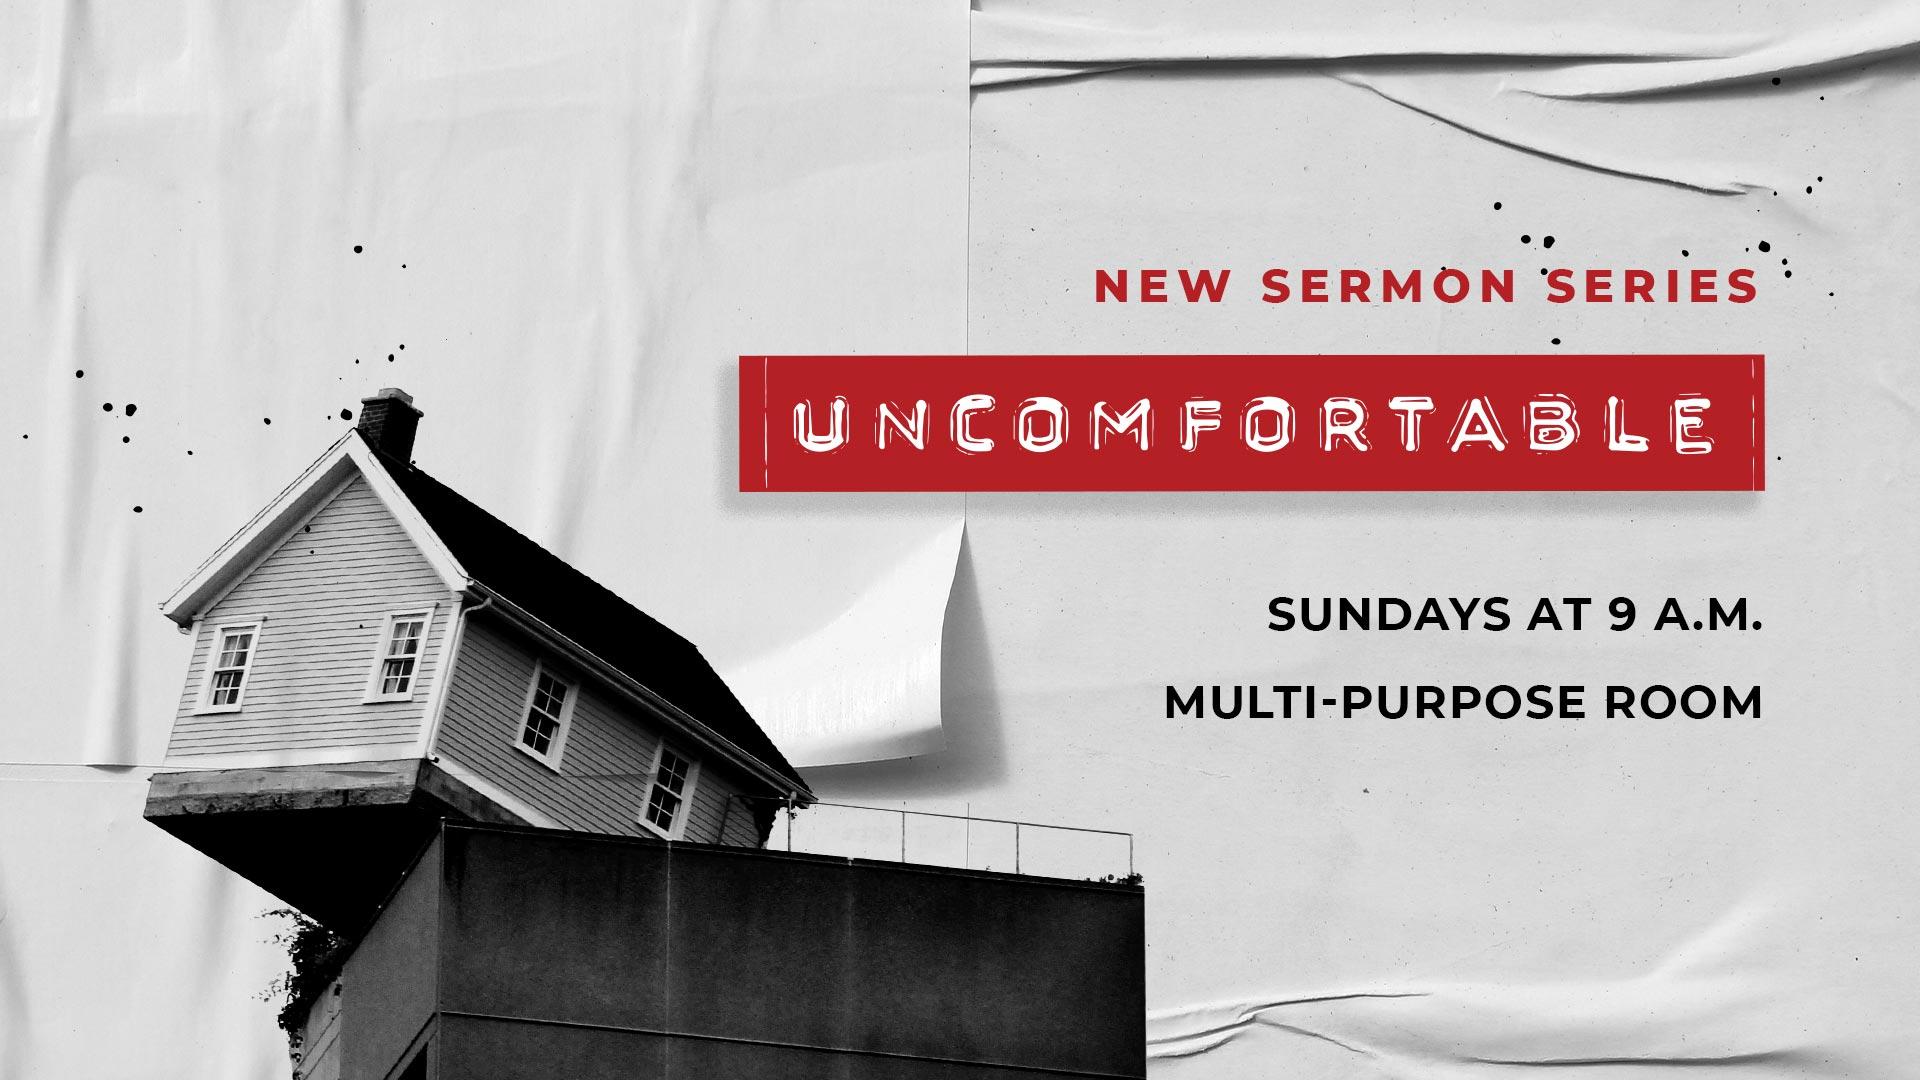 New Contemporary Sermon Series: Uncomfortable